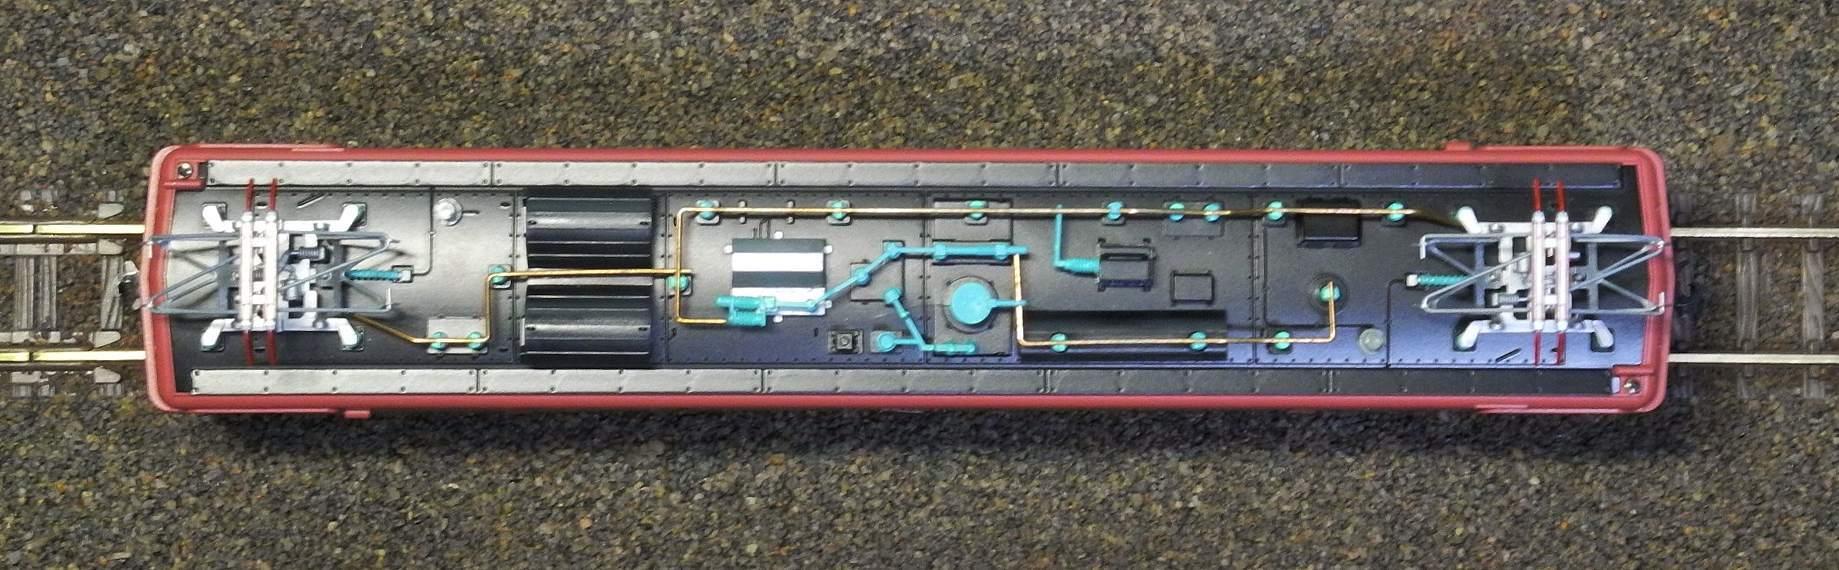 DSCN9648-1.jpg